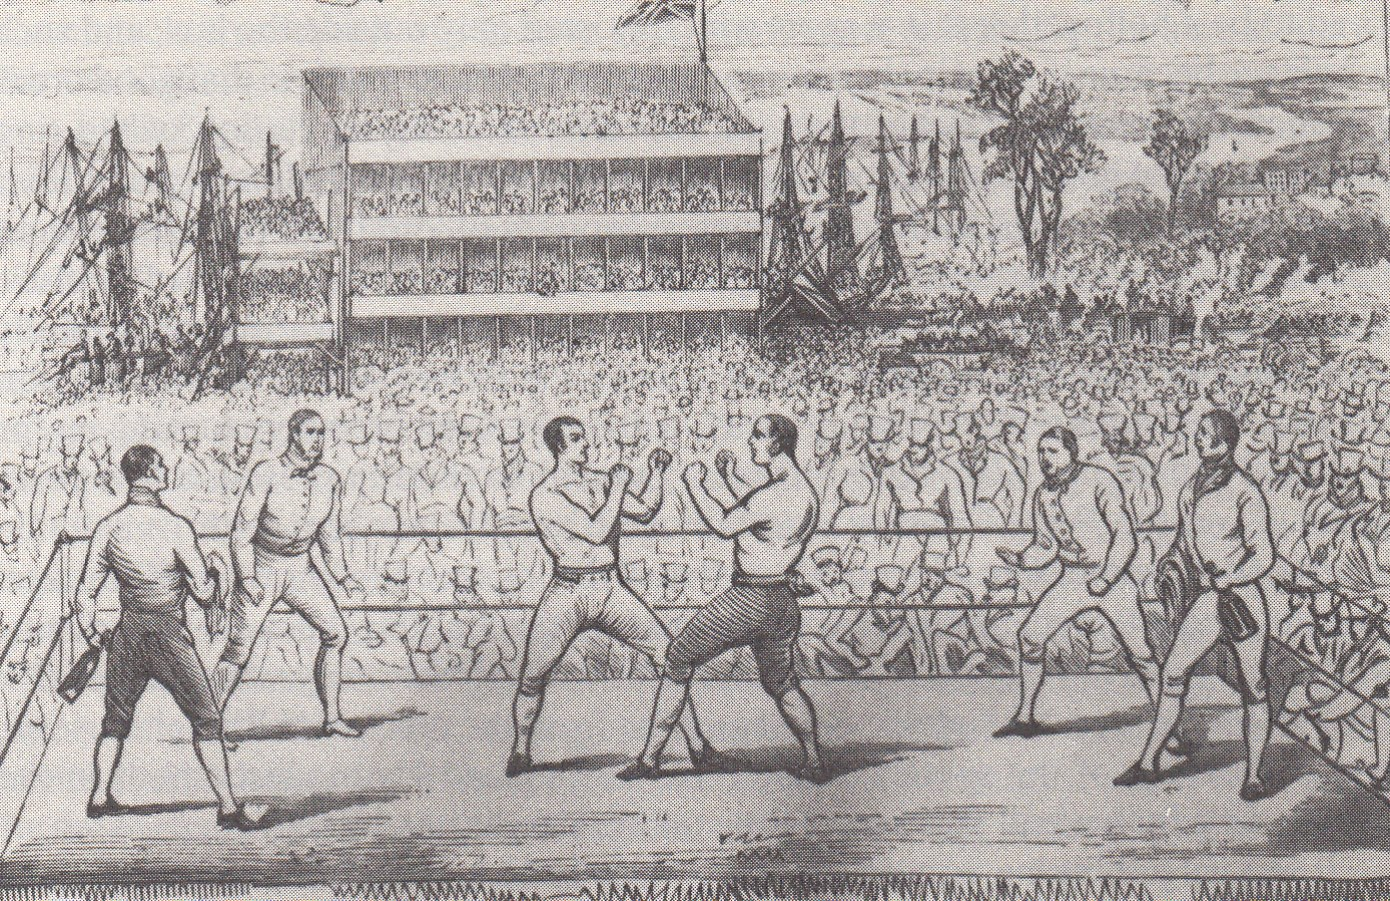 図1.ウスターの競馬場で行なわれたスプリング対ラングハム戦。後方には川に浮かべた観戦用の船もみえる。 Dennis Brailsford, Bareknuckles: A Social History of Prize-Fighting, Lutterworth Press, 1988, p.81